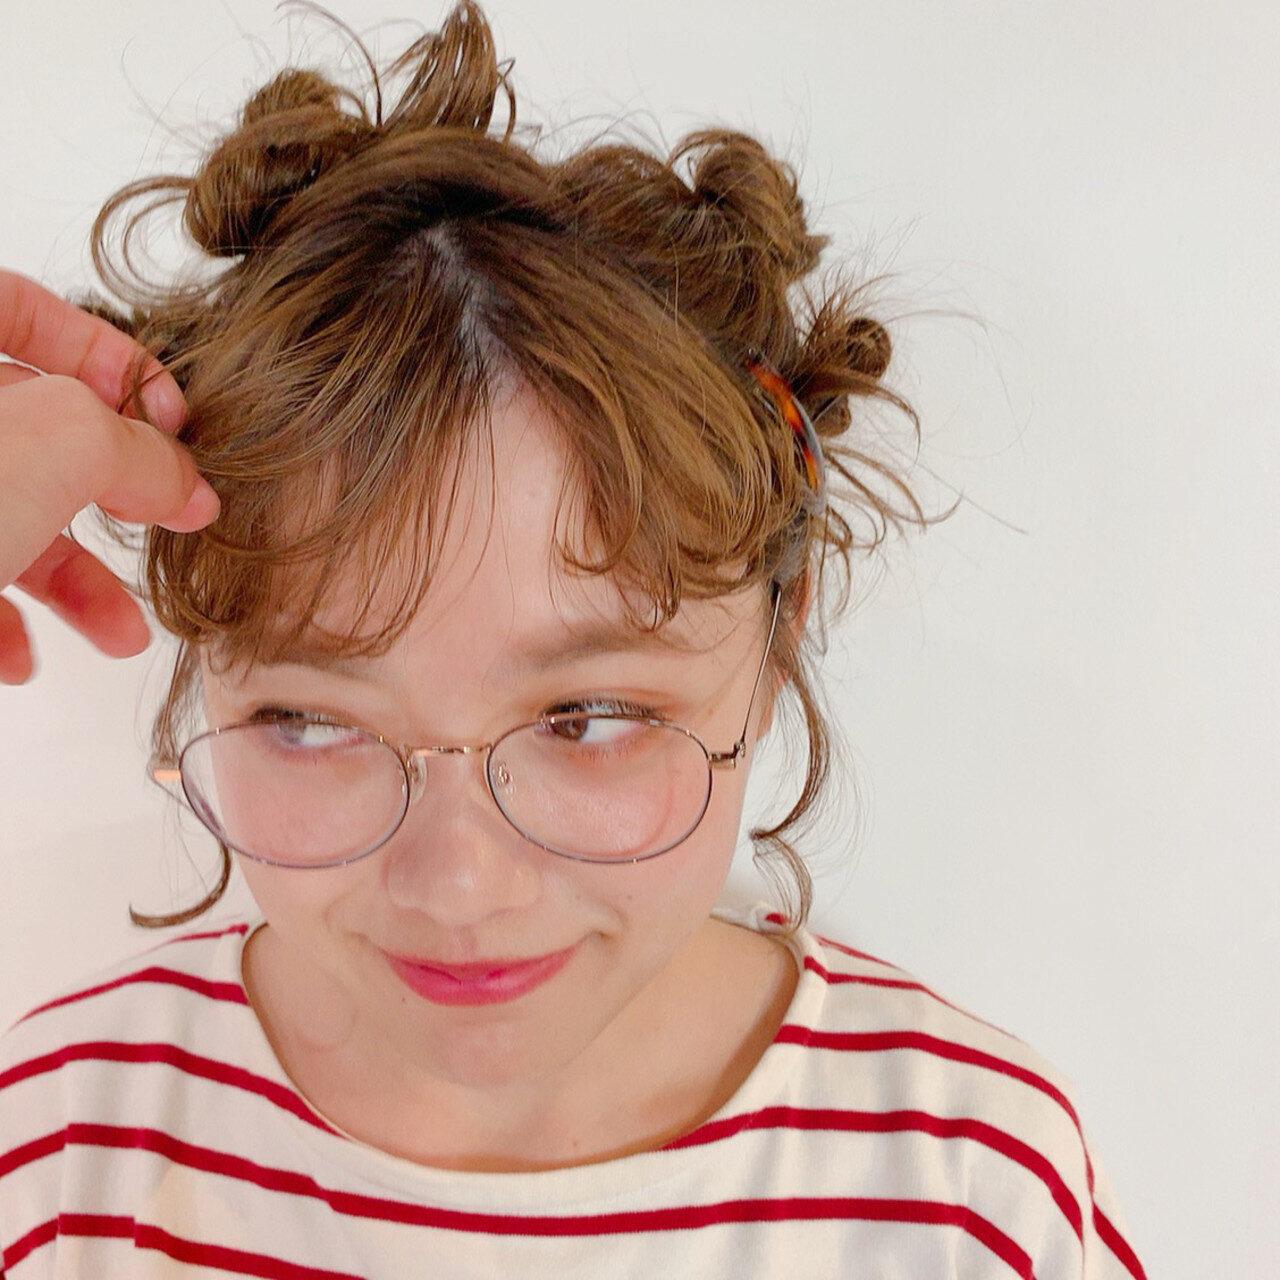 【前髪あり編】イメチェン欲を満たす。前髪アレンジで叶えるブランニュー私化計画